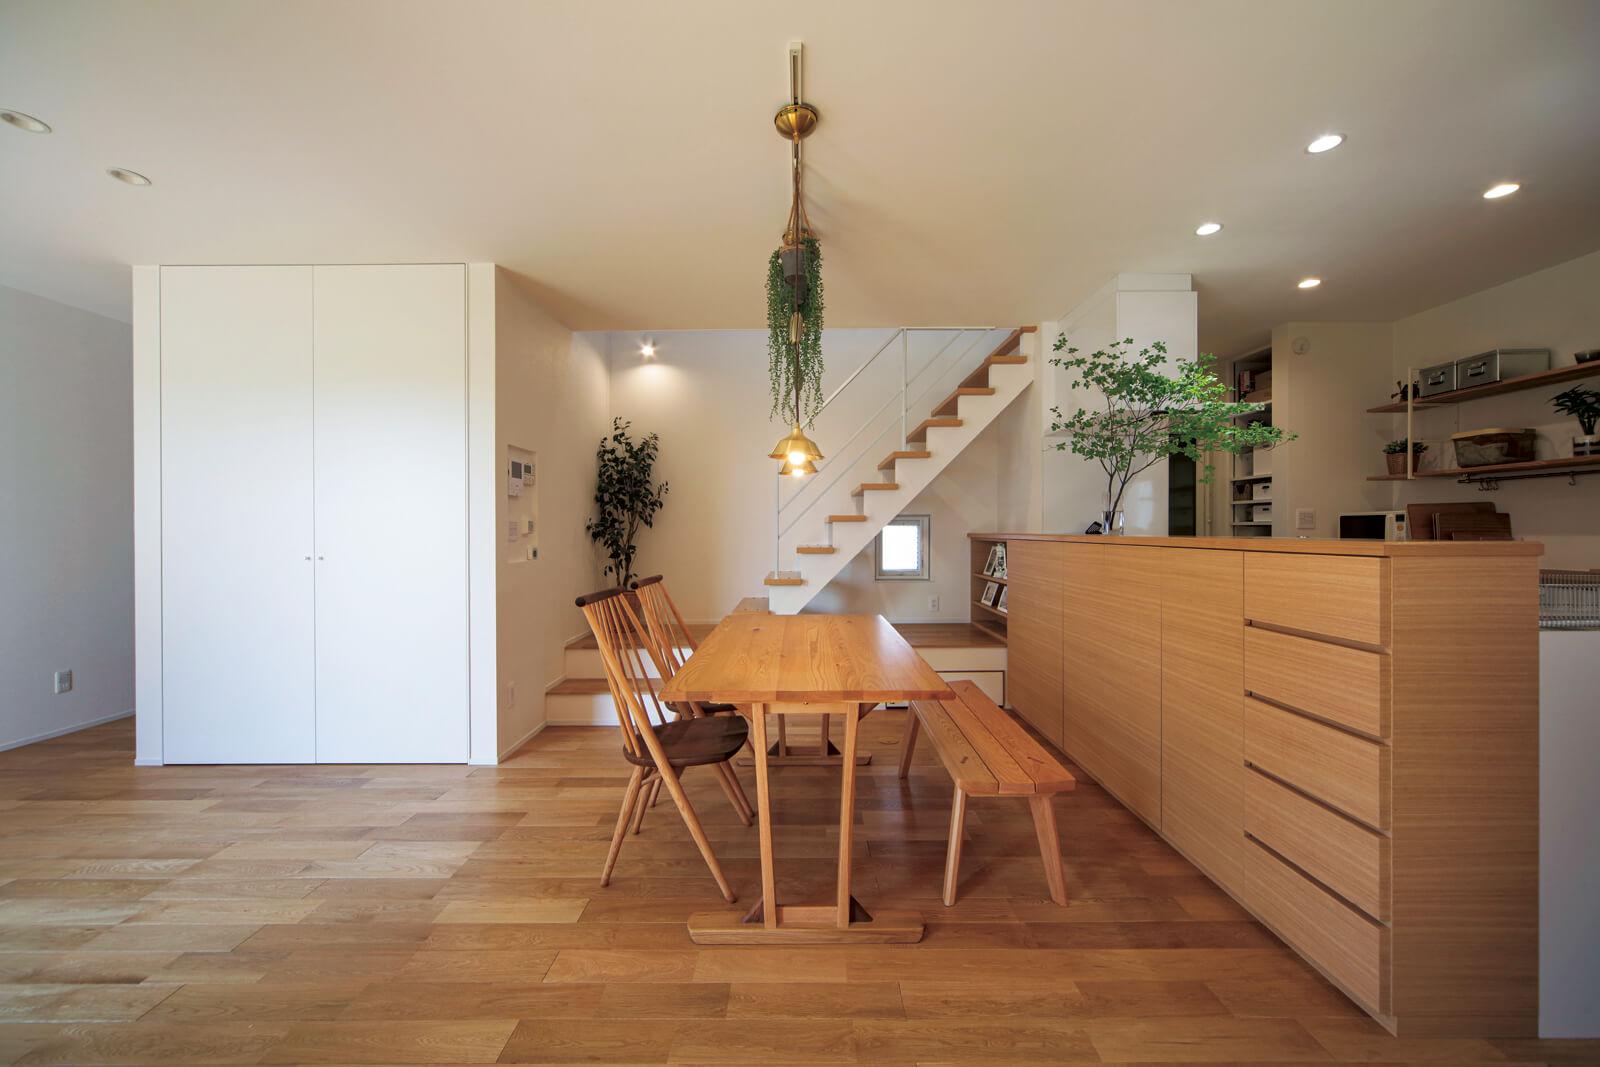 リビングからダイニング・キッチンを望む。対面キッチンの腰壁は全面造りつけ収納になっていてスッキリ。オープンなリビング階段はYさんの希望